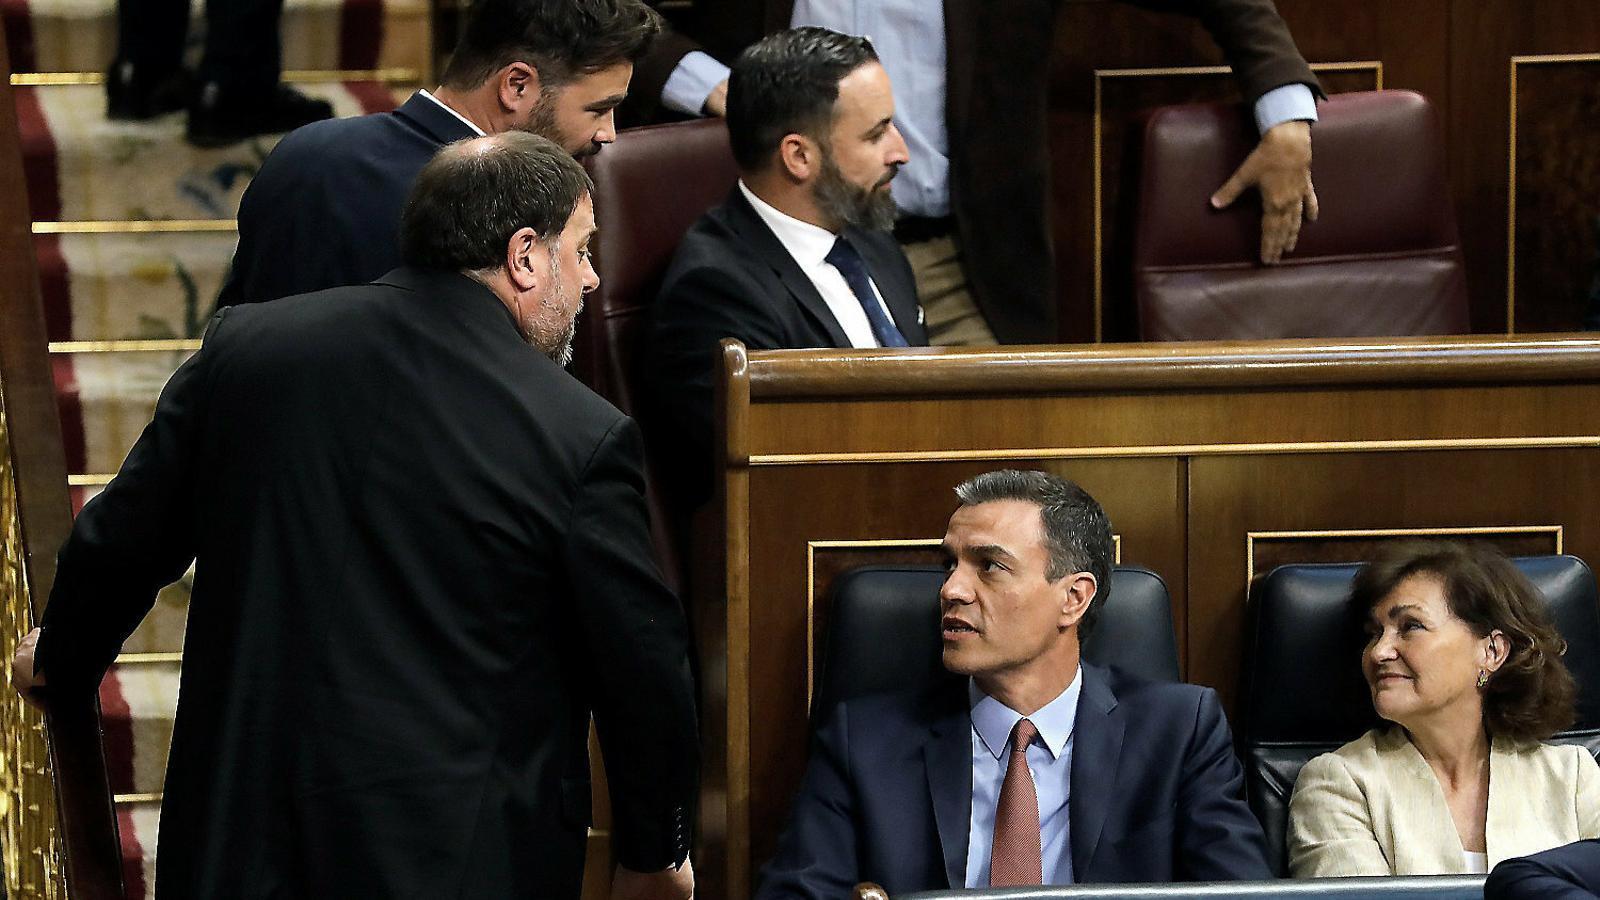 La Moncloa consolida ERC com a soci prioritari